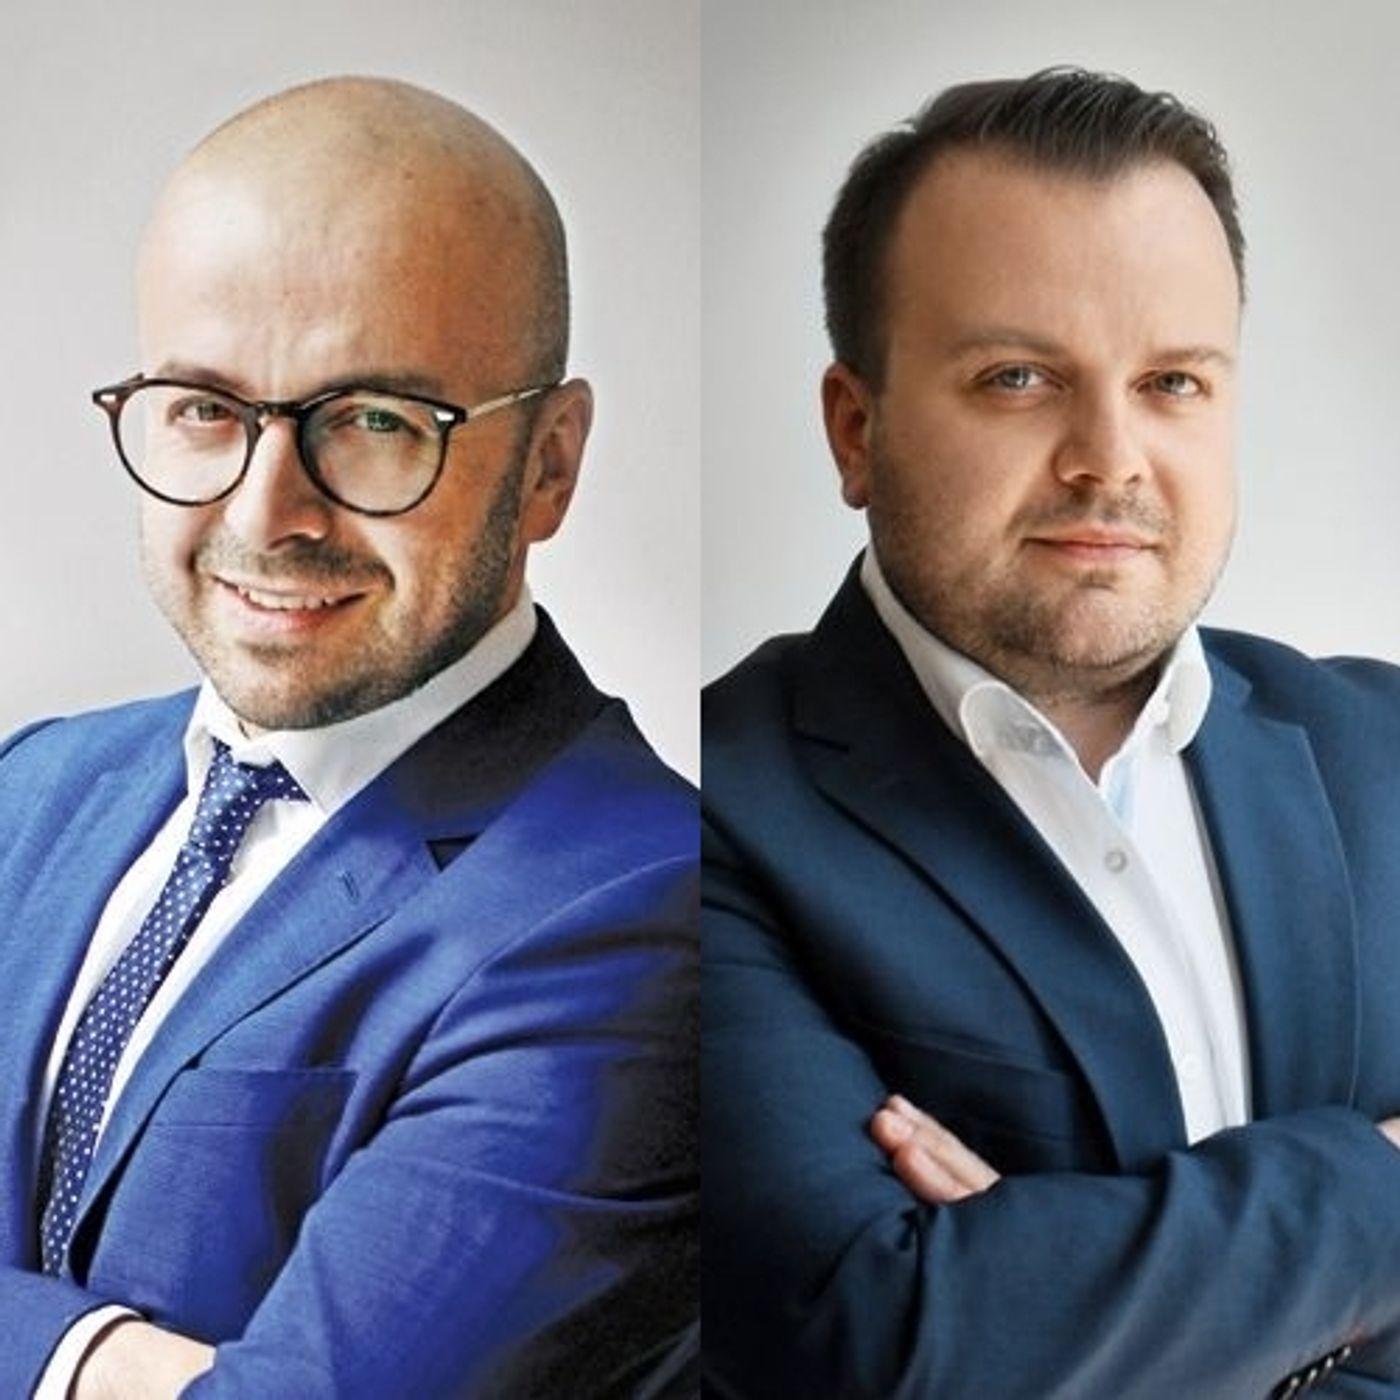 Jacek i Michał Korwin-Małaszyńscy o rynku budowlanym